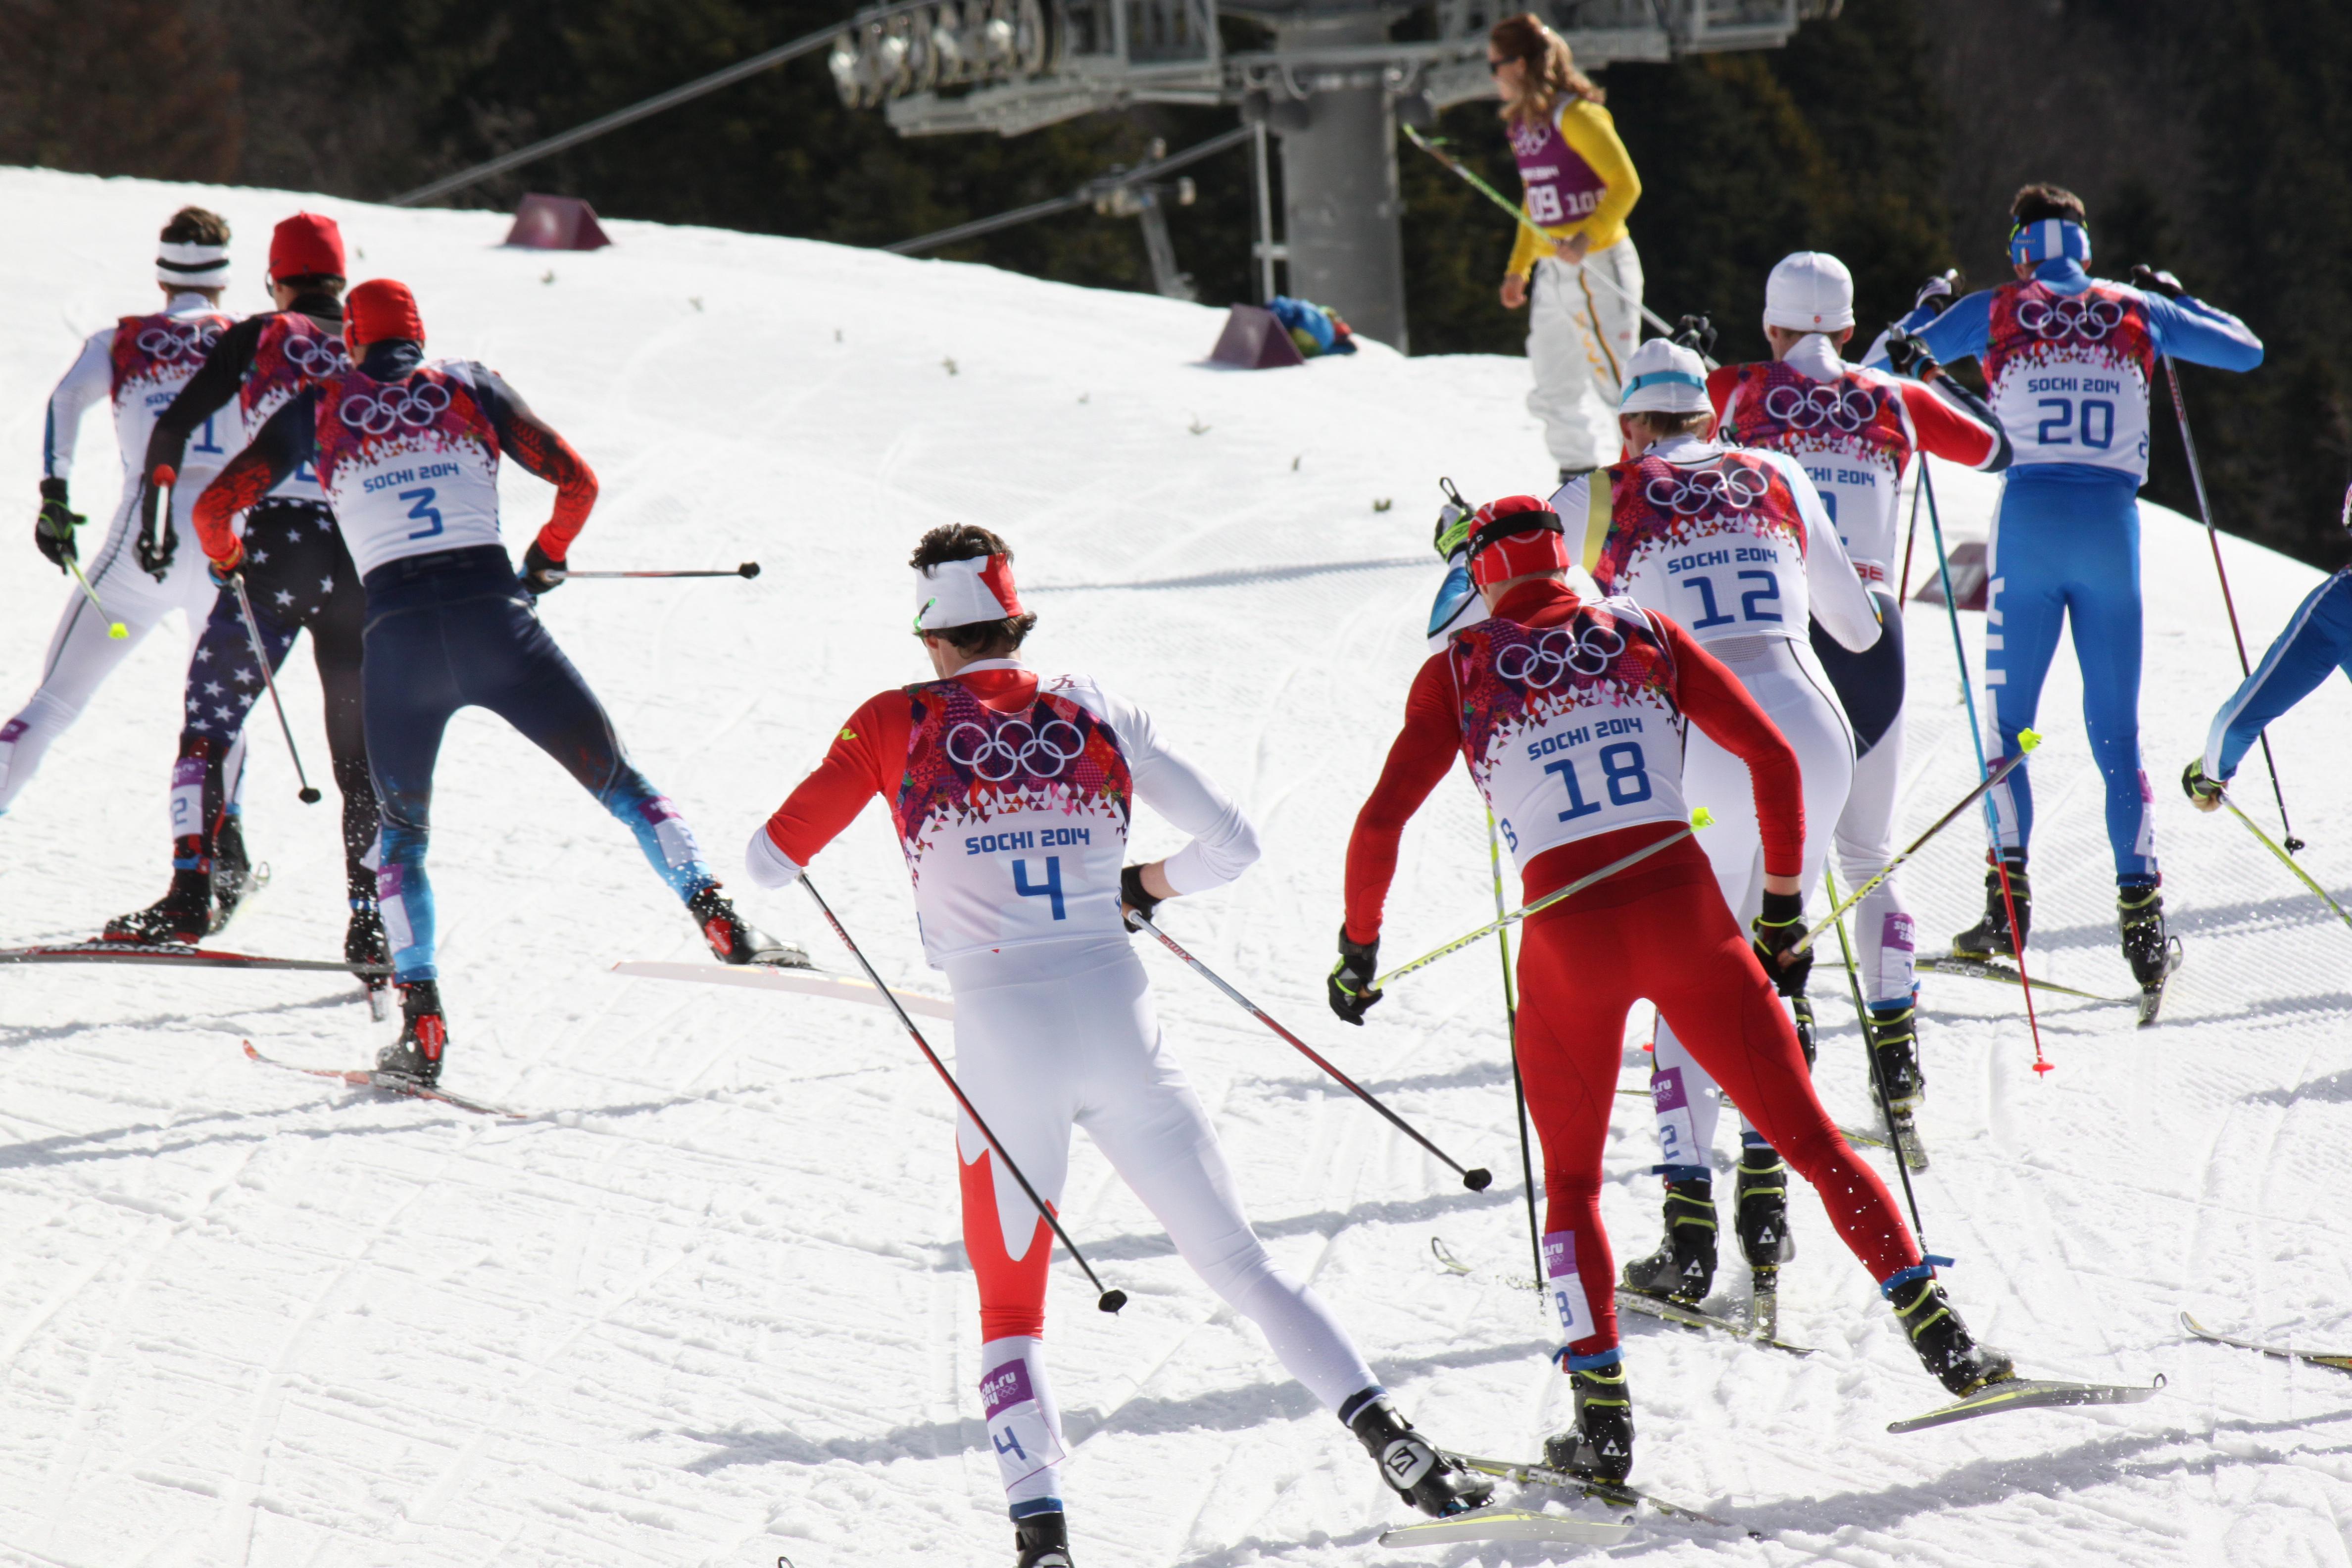 Skiløpere i Sochi-OL 2014